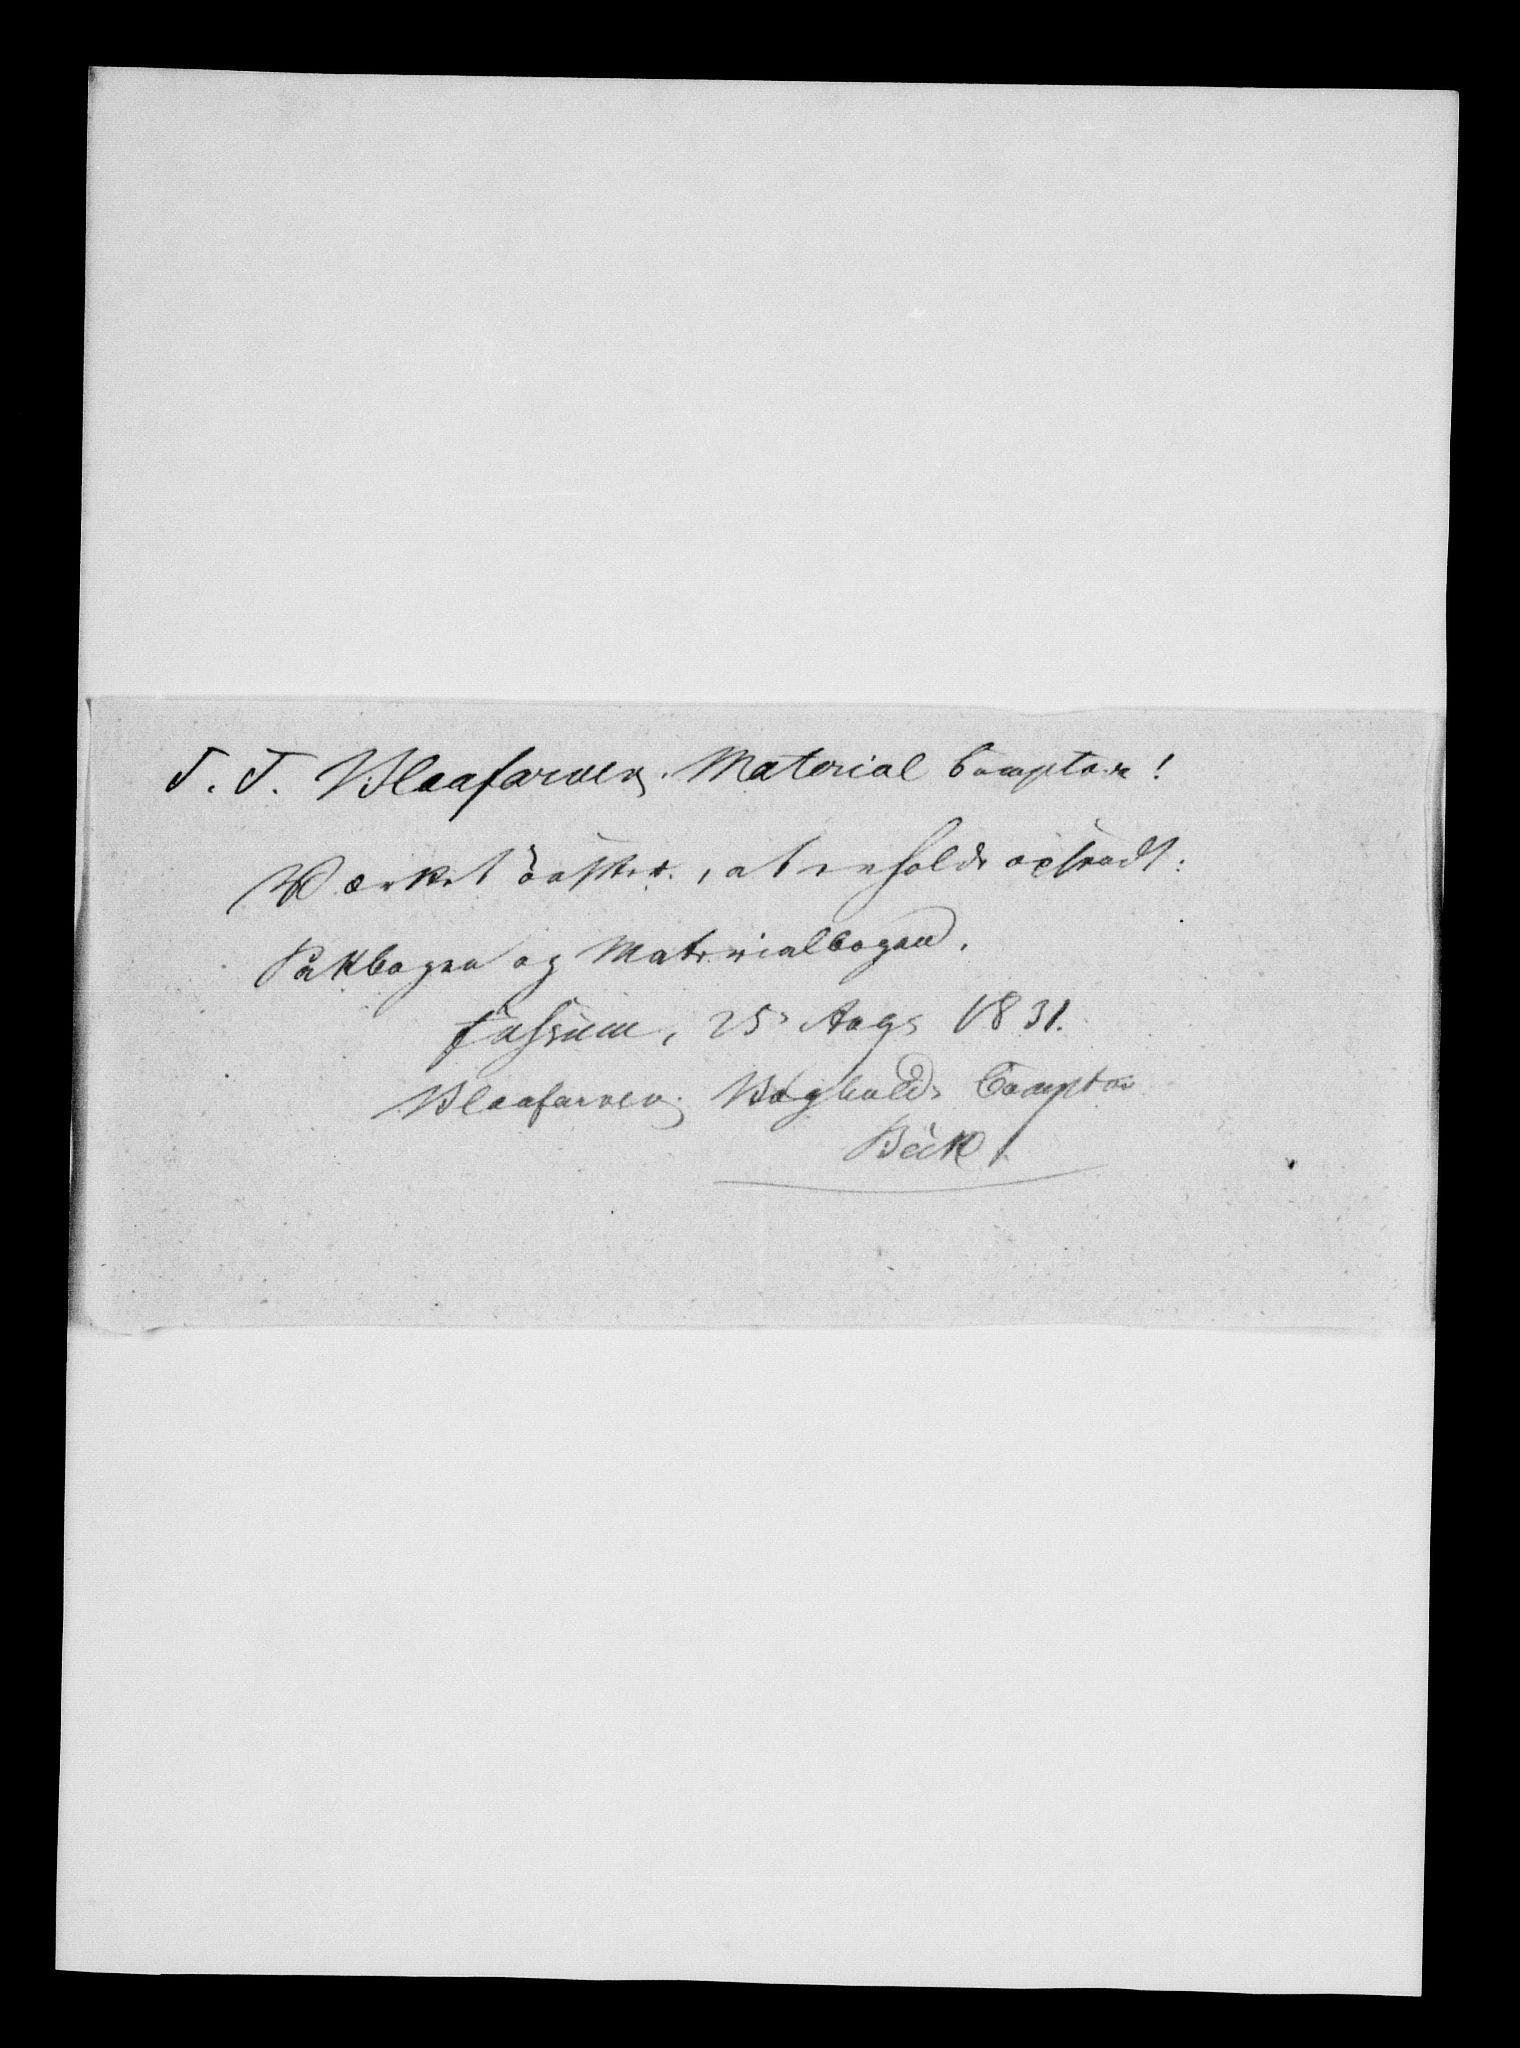 RA, Modums Blaafarveværk, G/Gd/Gdb/L0198: Annotations Bog, Dagbok over inn- og utgående materiale, 1828-1831, s. 2